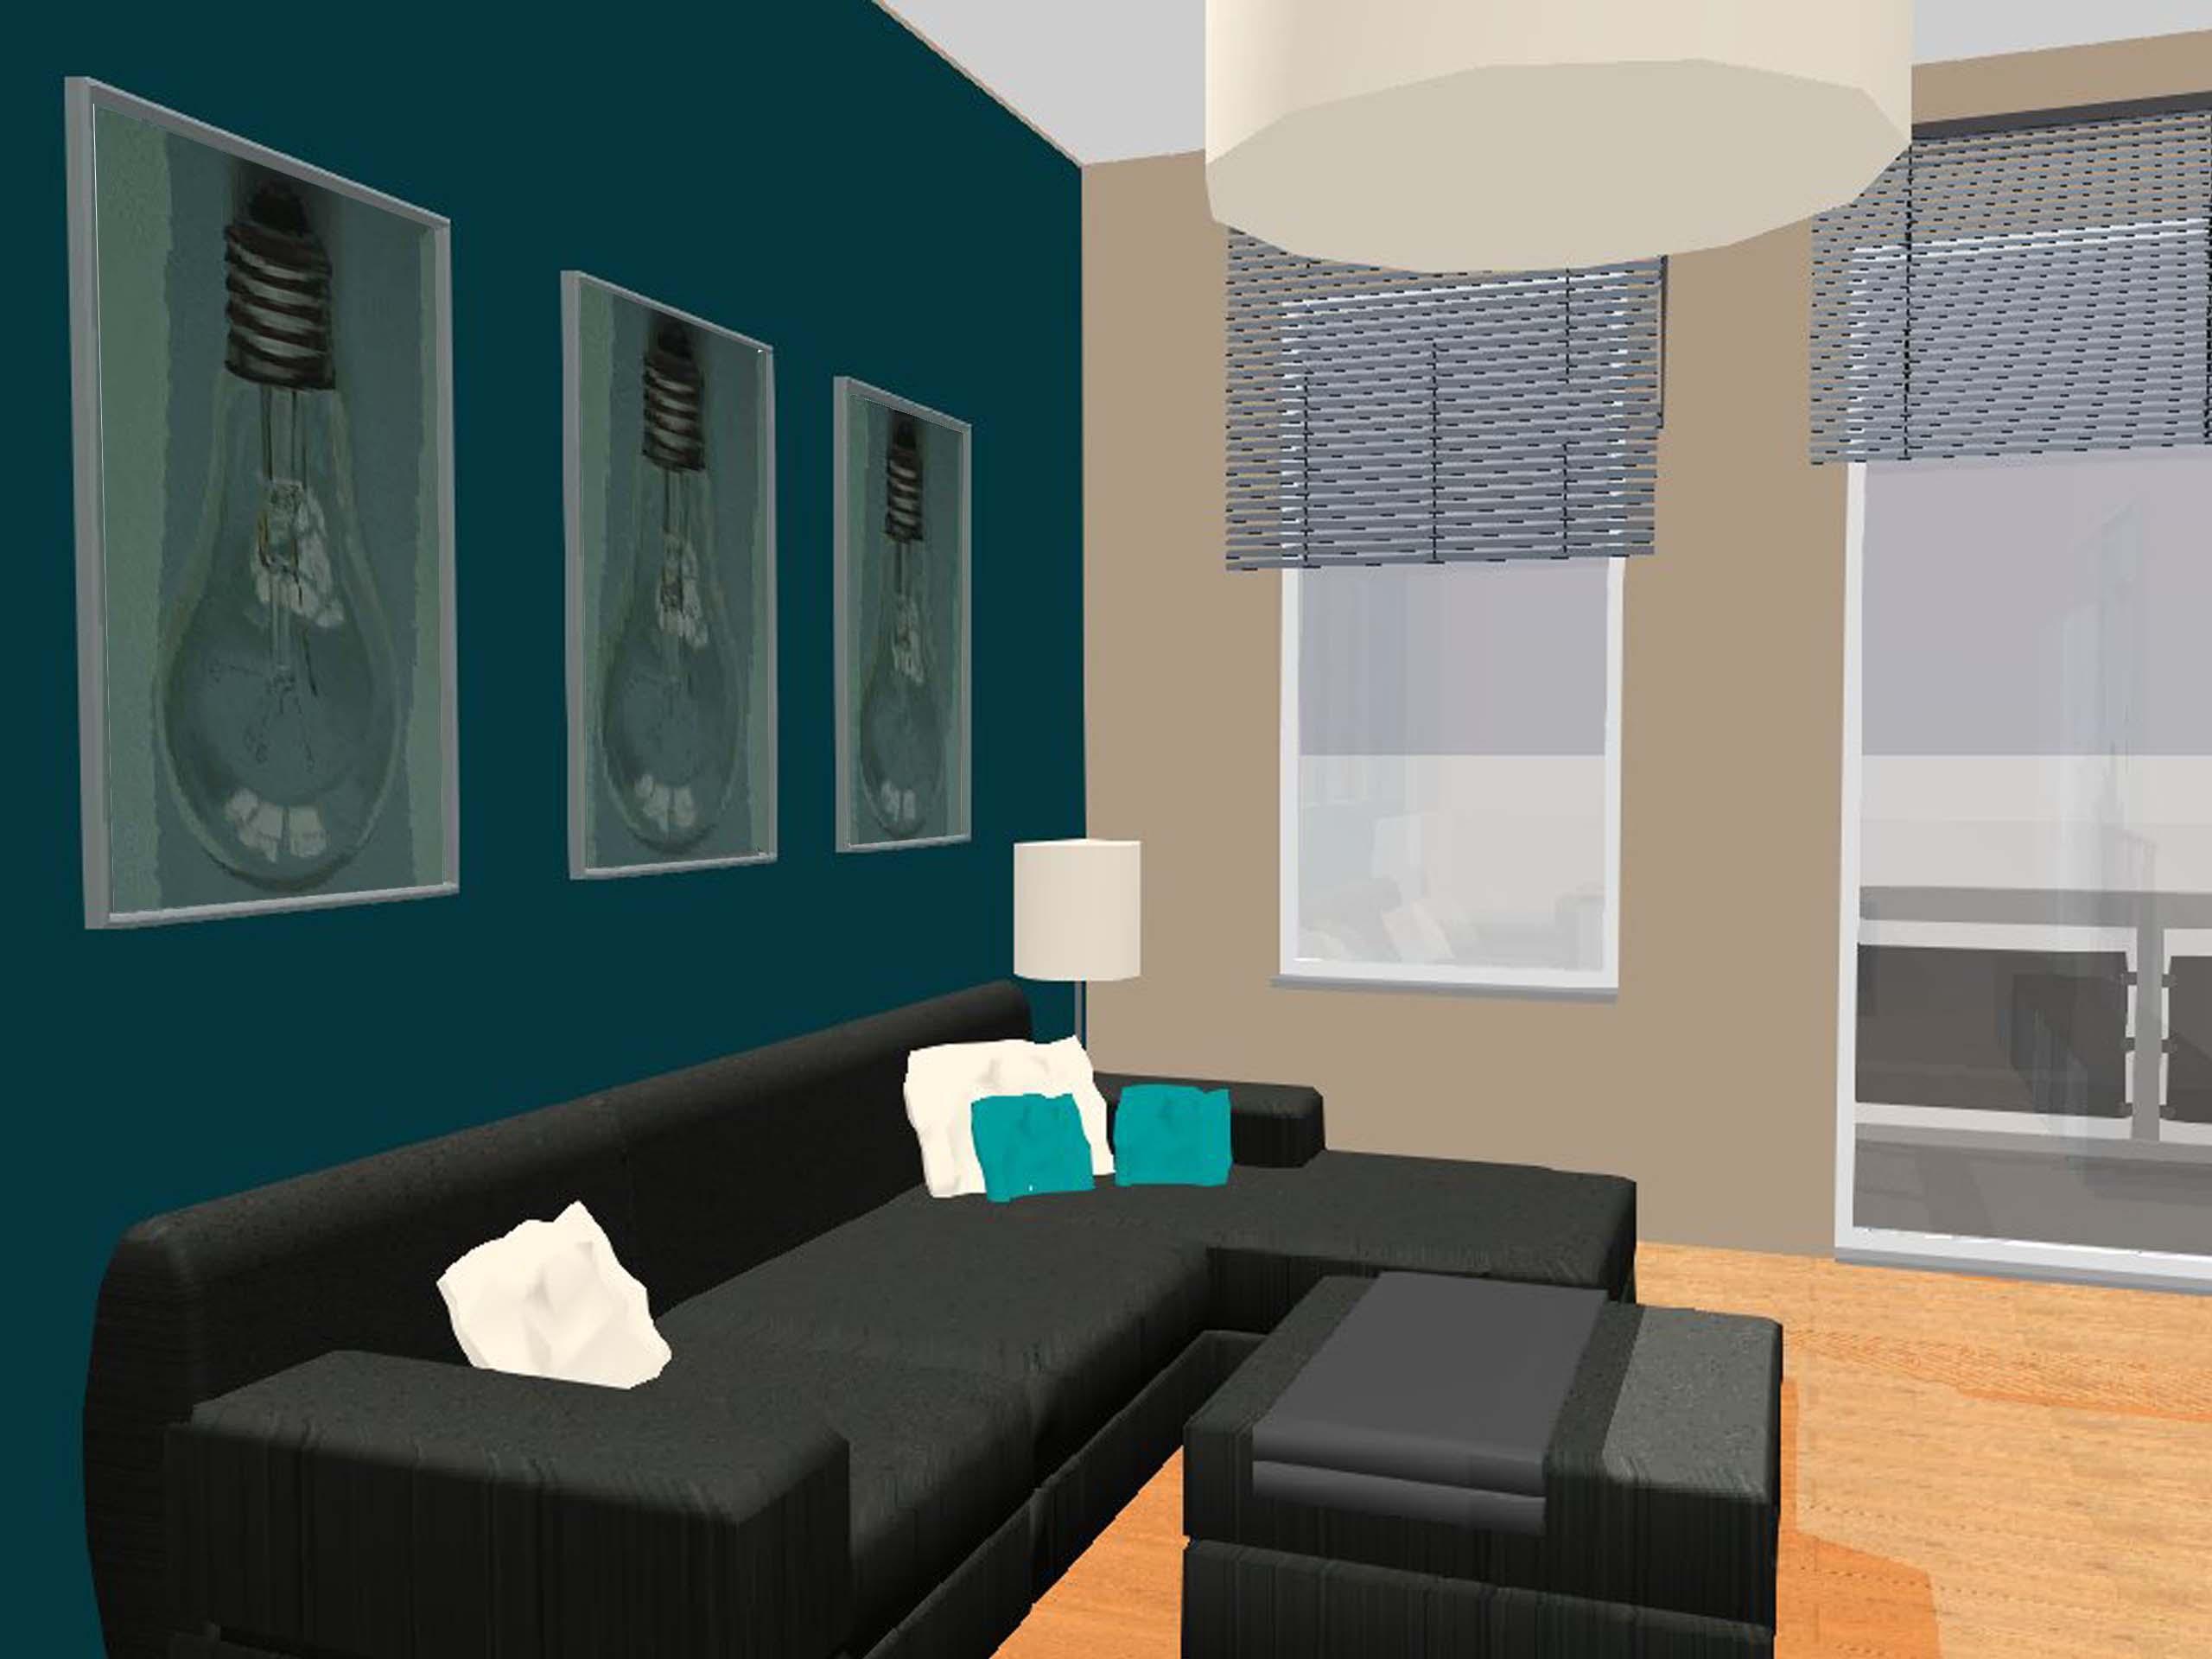 Wohnzimmer 3D Petrol #wohnzimmer #petrol ©Maurice Smolik